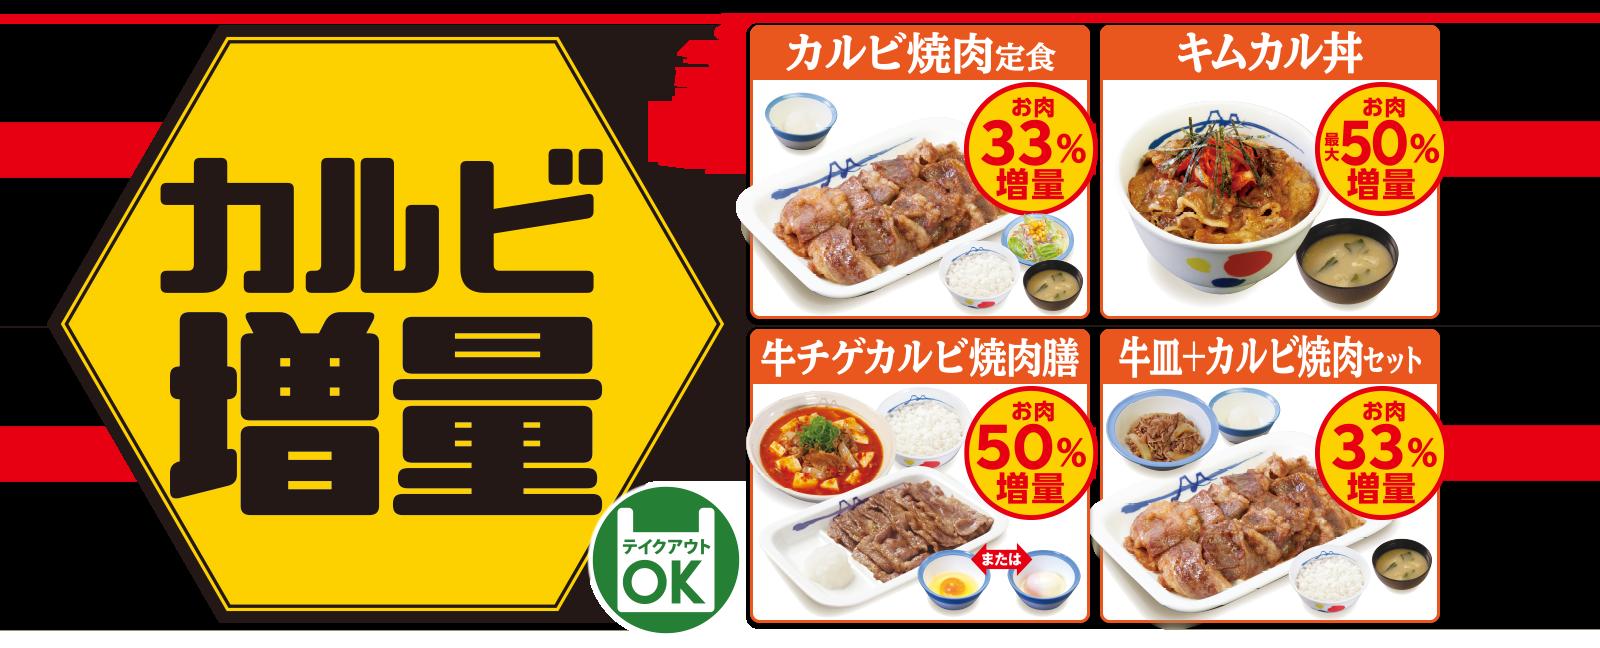 カルビ焼肉増量キャンペーン開催!